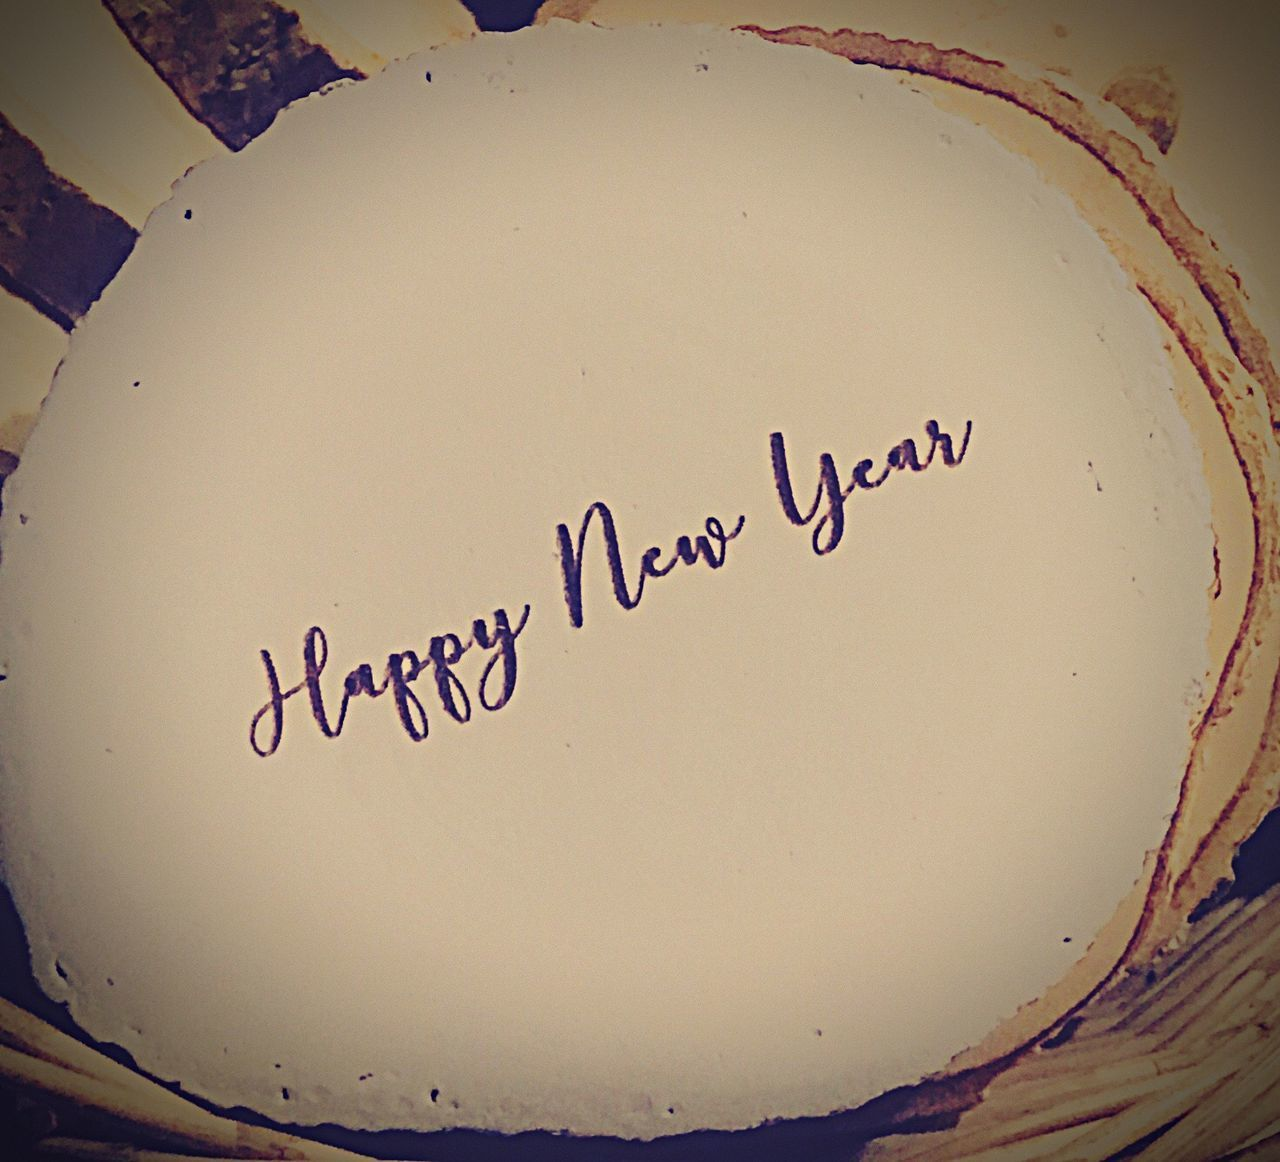 งานประดิษฐ์ด้วยมือ ไม้มะขามเพ้นท์ Happy New Year Everyone Communication Text Message Written Heart Shape Love Indoors  Food Handwriting  Paper Close-up No People Birthday Cake Day (null) HAPPY NEW YEAR ! Happy New Years Eve Happy New Year's Eve Happy New Year 2017 Happy New Year!!! Happy Time Happy New Year! Happy New Year